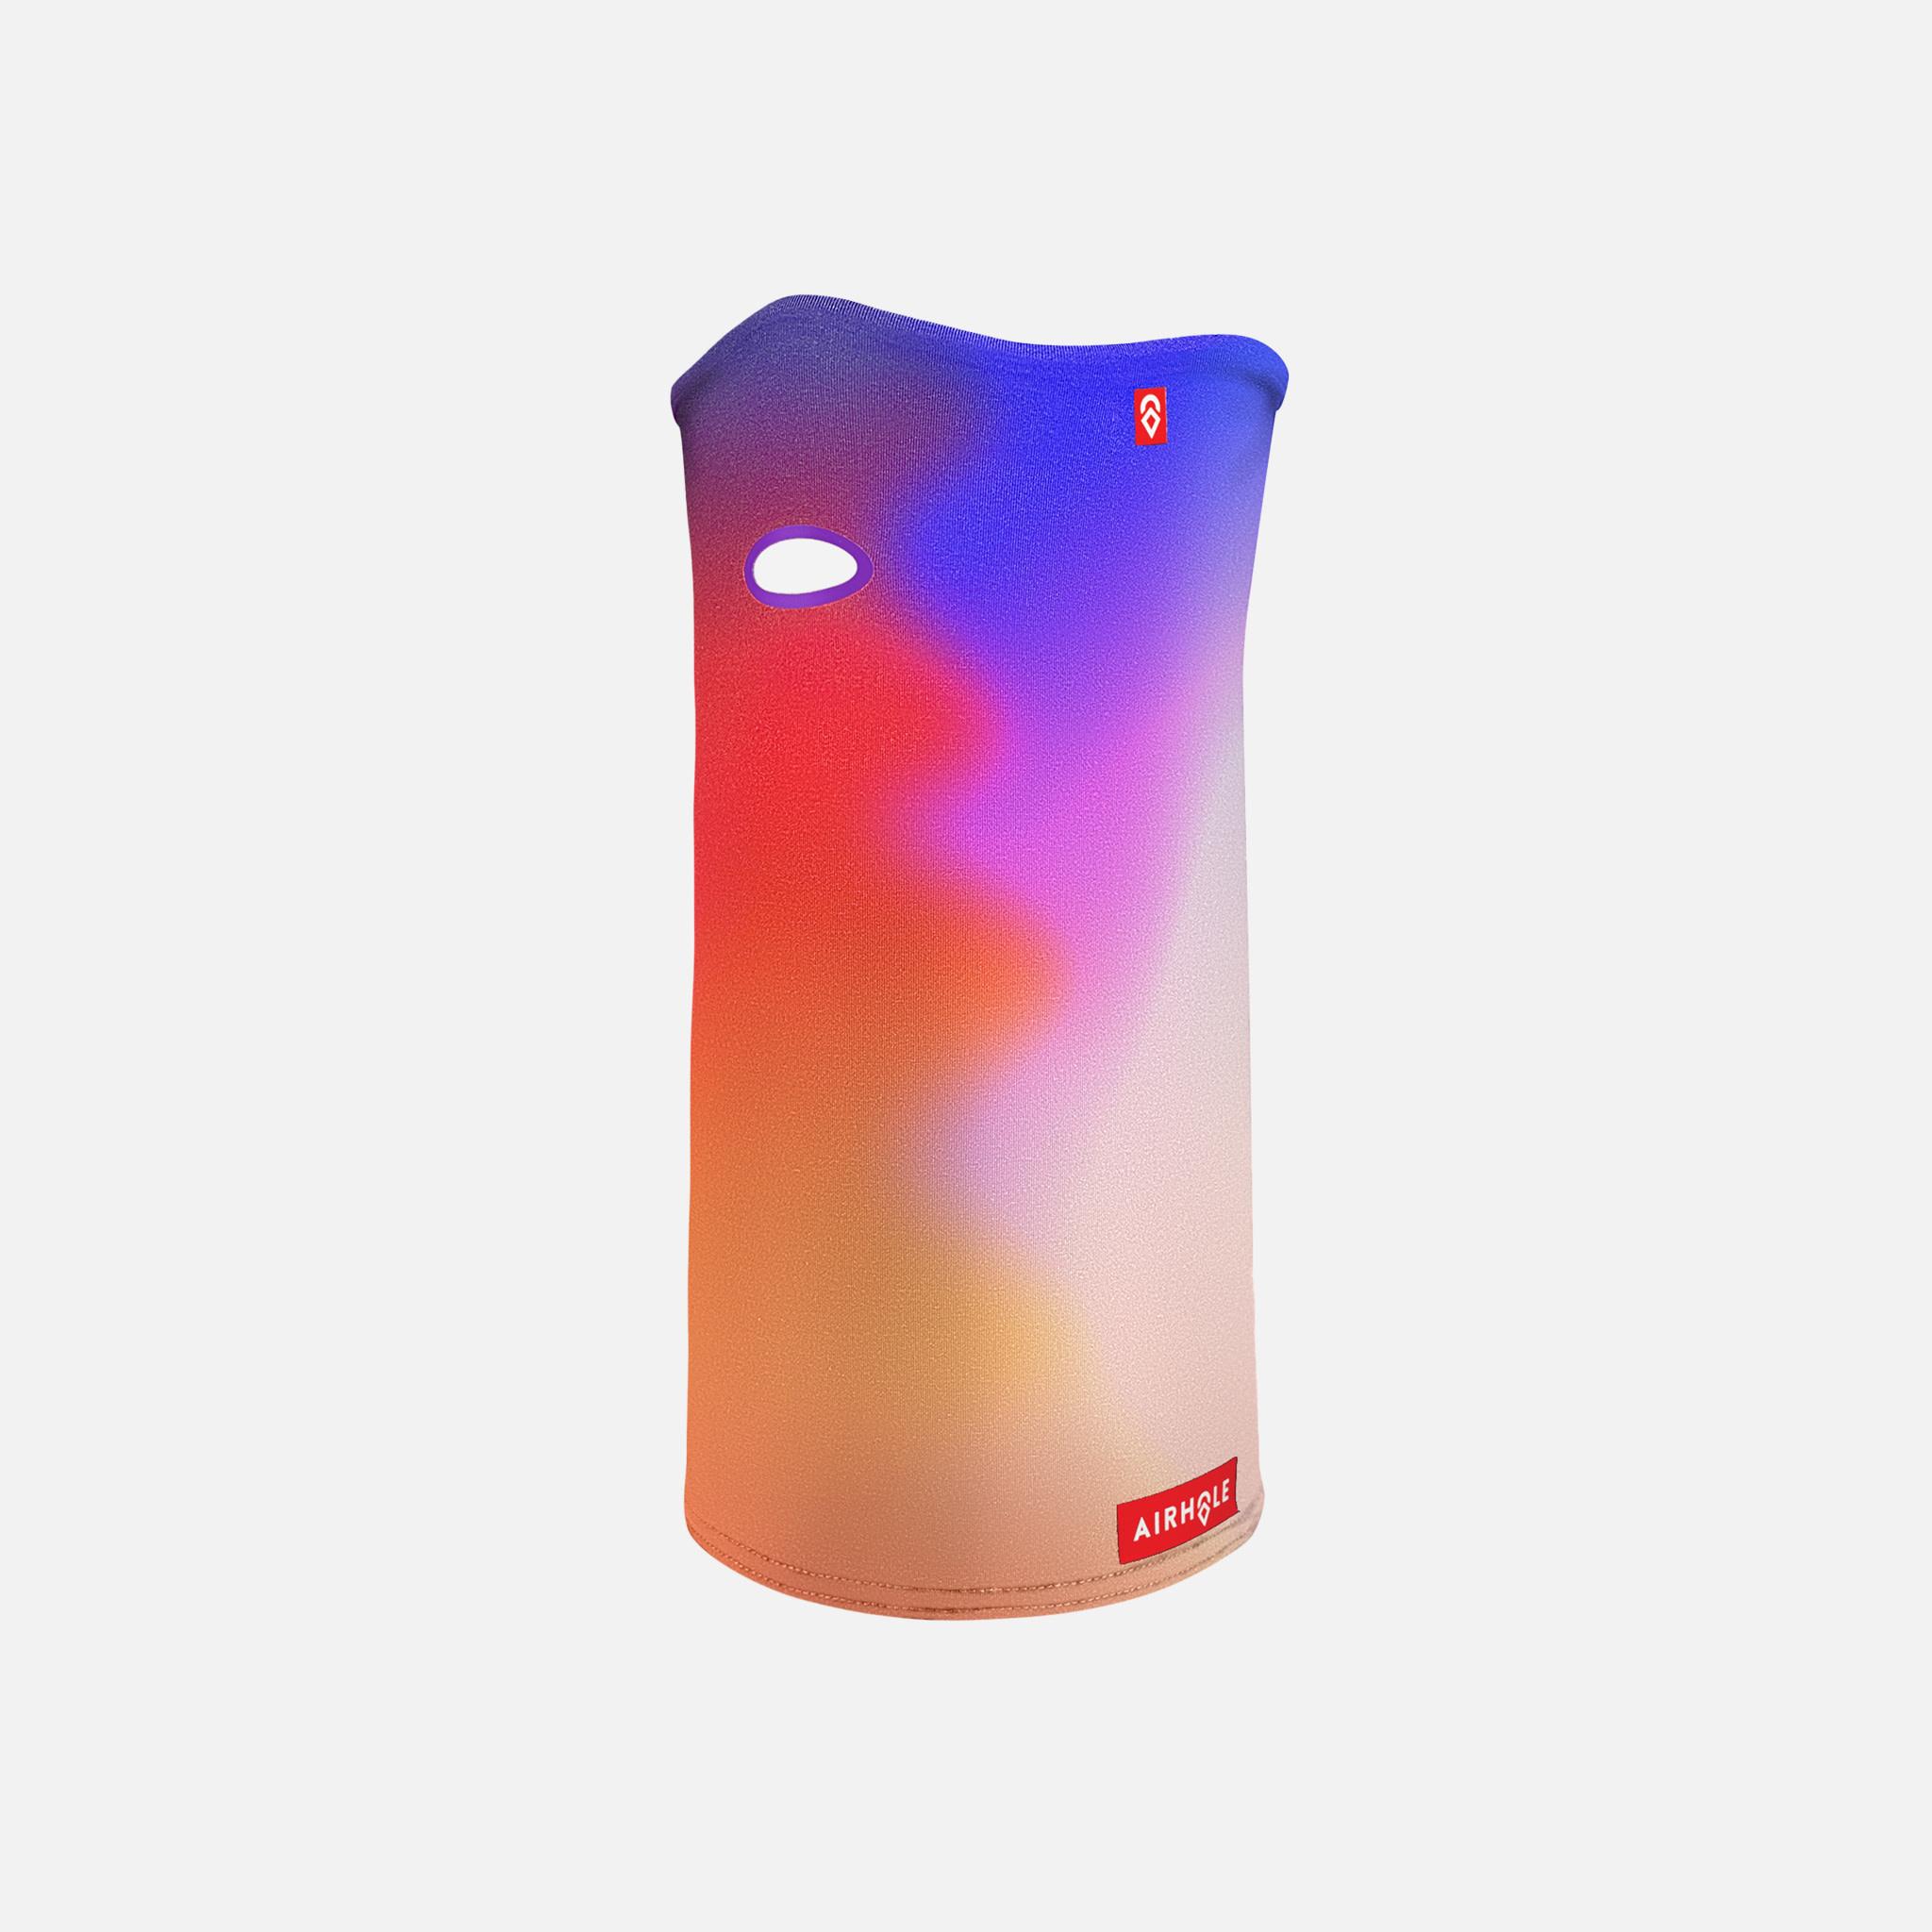 Airhole Airhole Ergo Airtube - Drytech